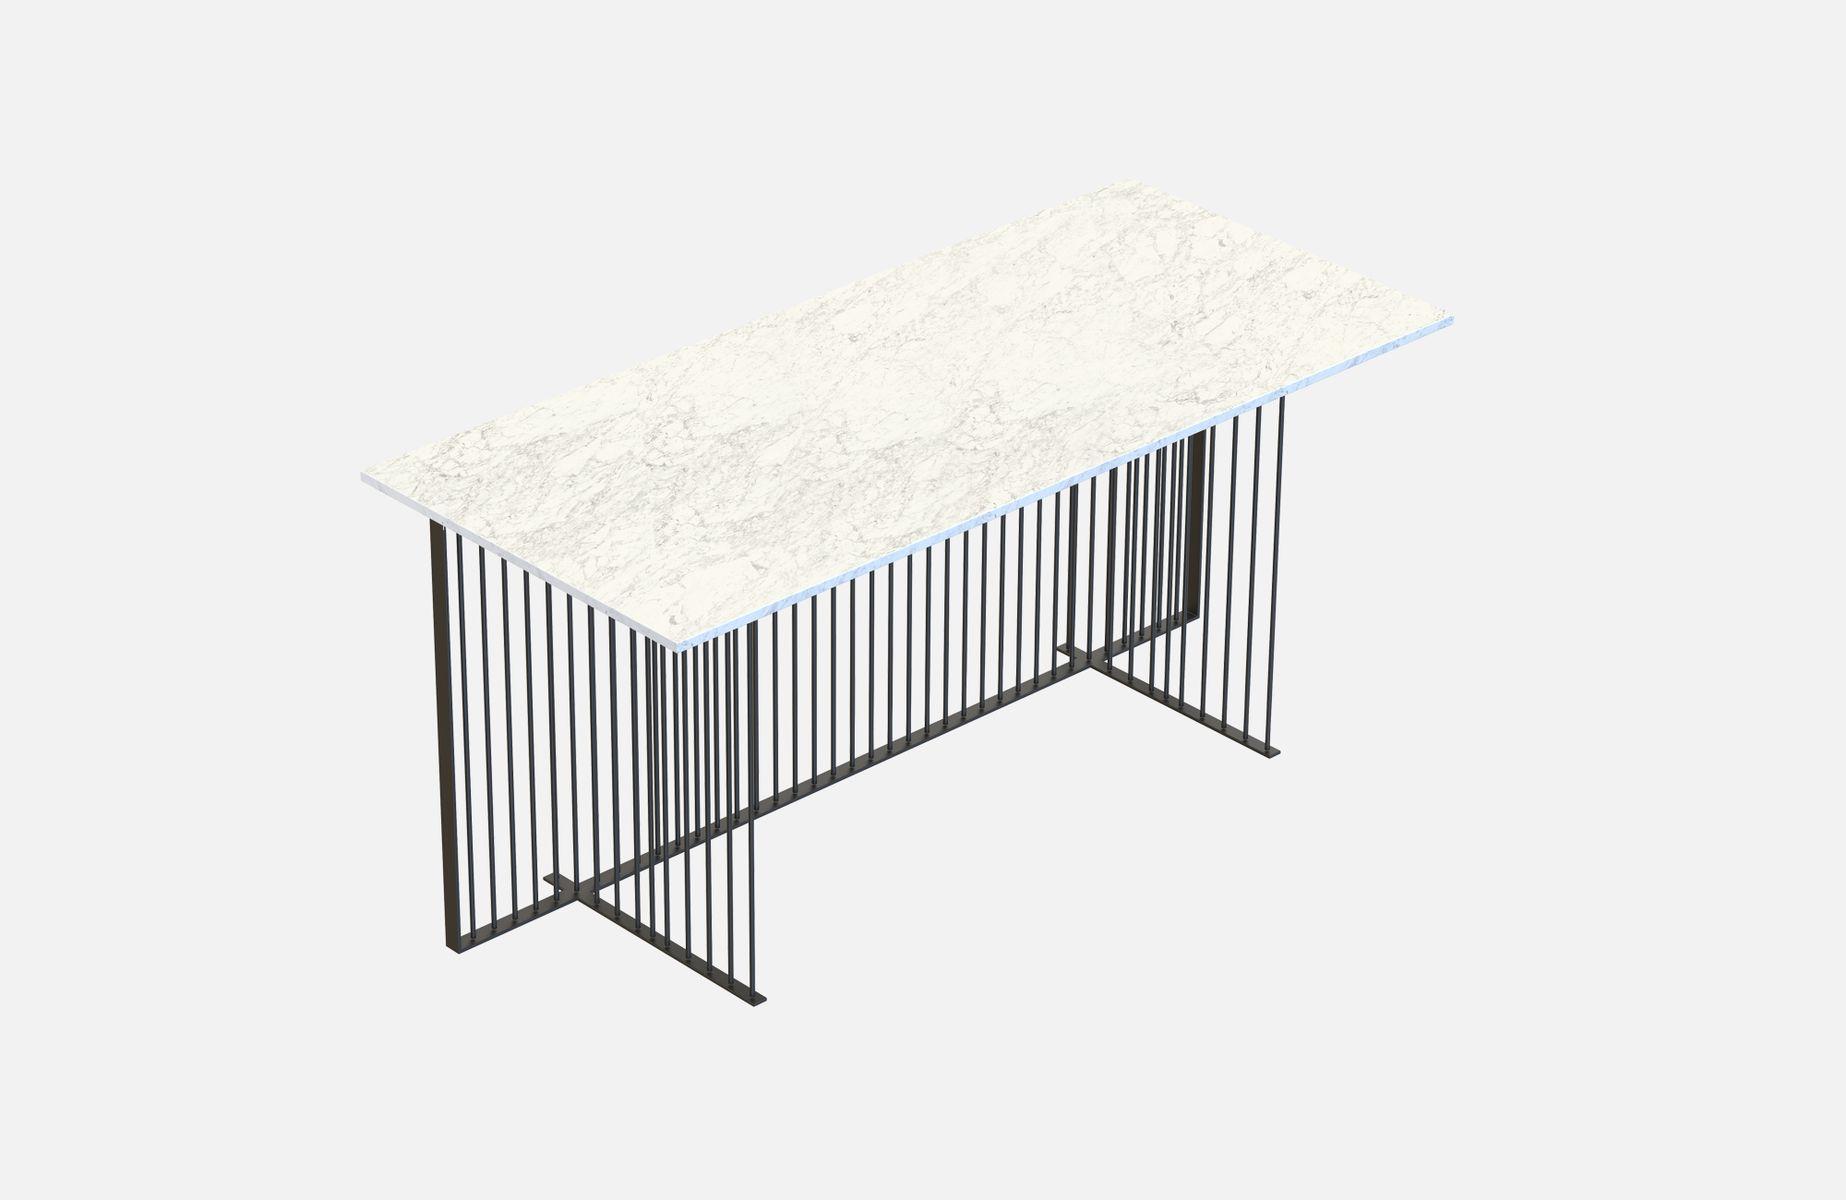 Bureau meister noir avec plateau en marbre blanc par alex baser